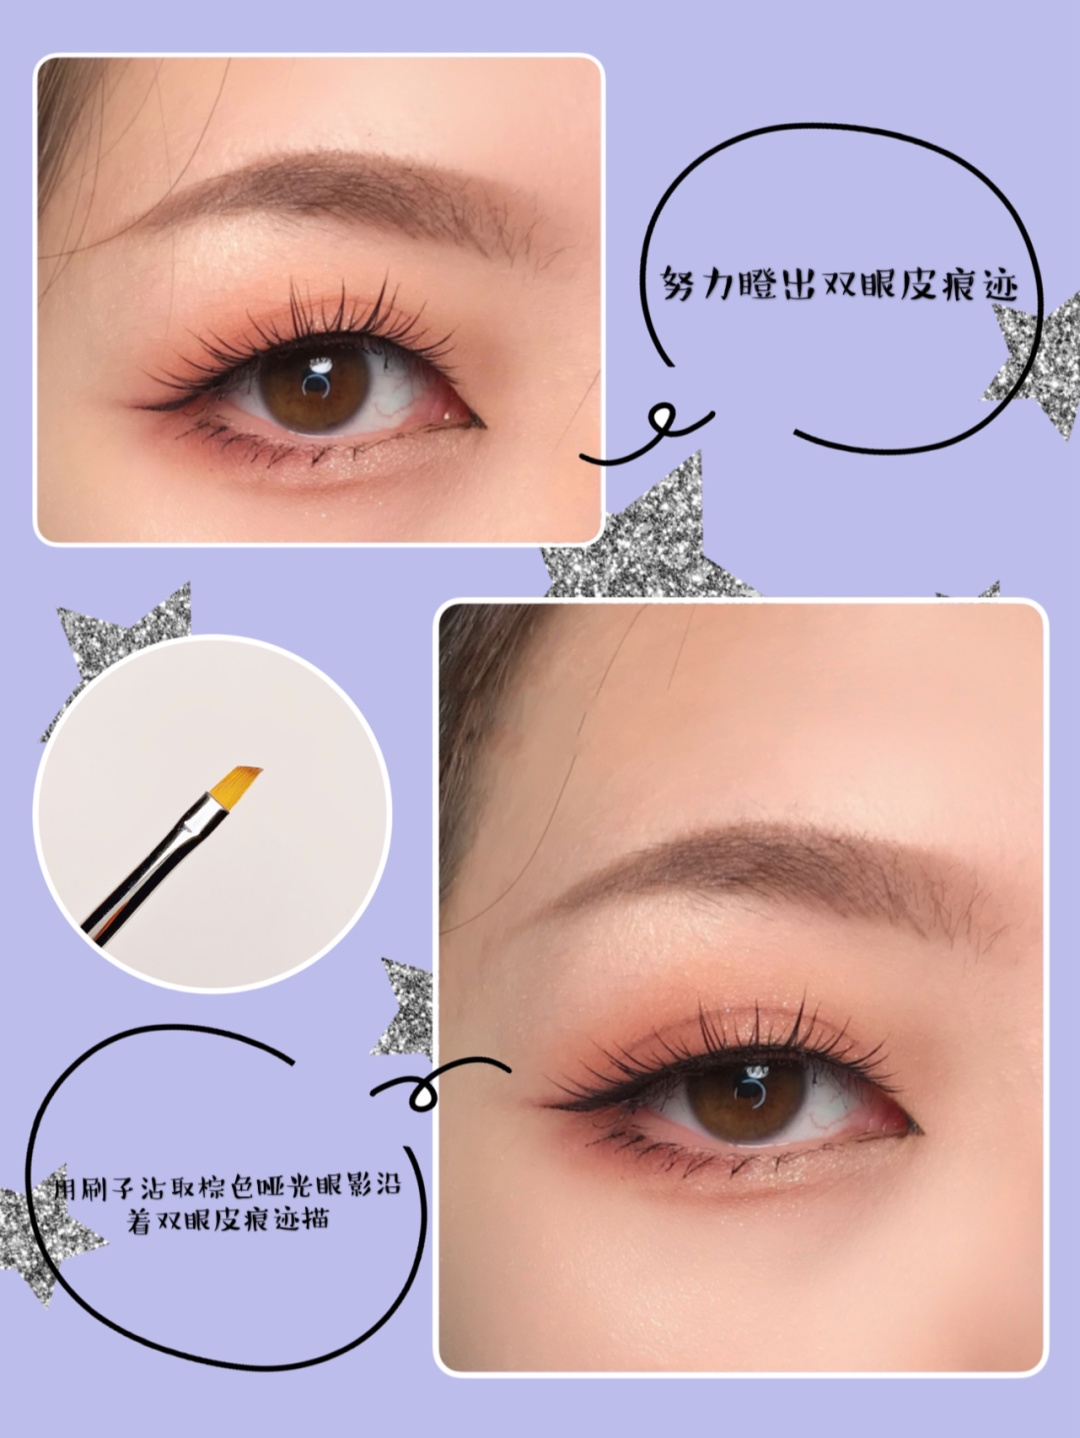 画双眼皮教程